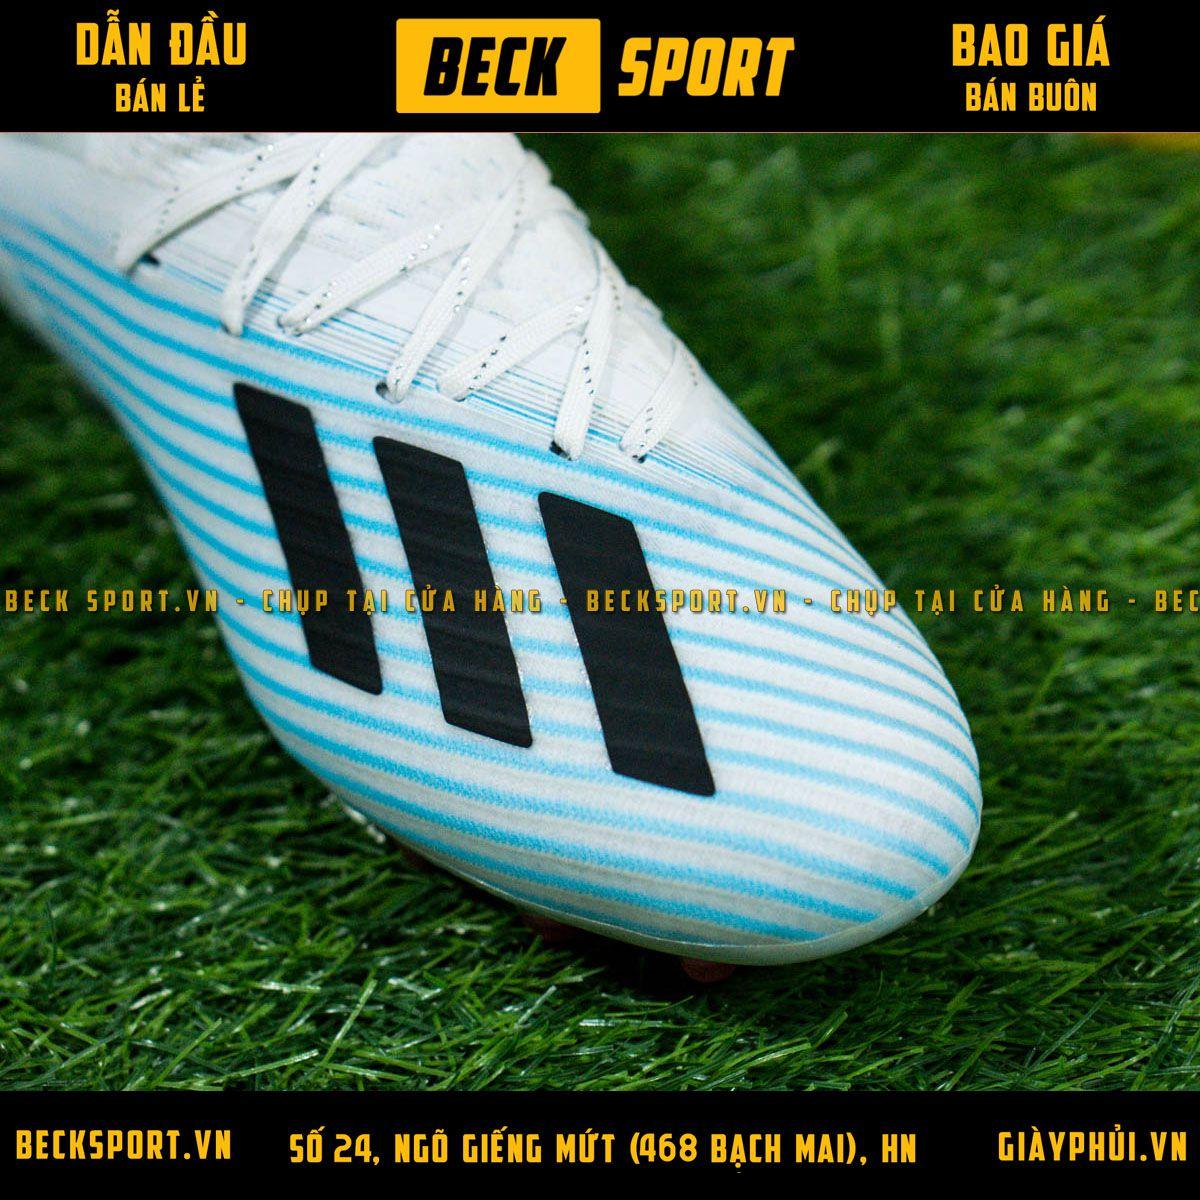 Giày Bóng Đá Adidas X 19.1 Xanh Biển Vạch Đen Gót Trắng AG